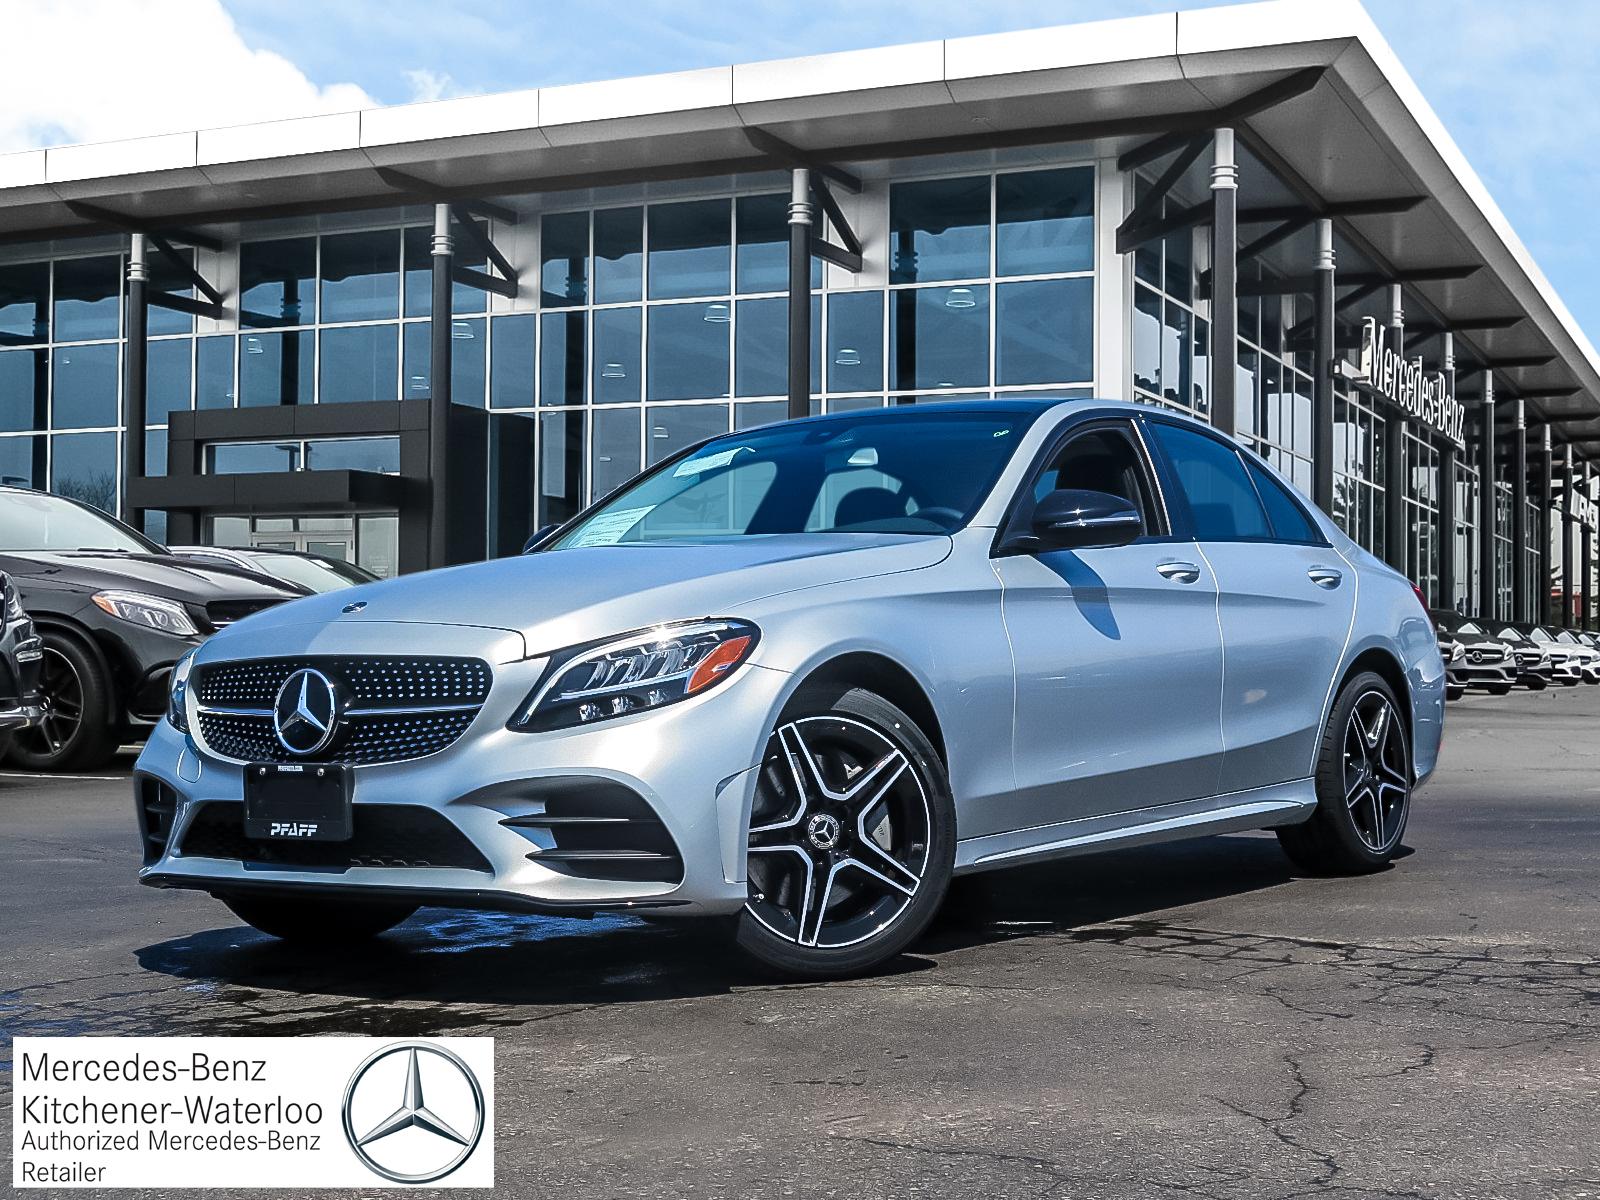 New 2019 Mercedes-Benz C300 4MATIC Sedan